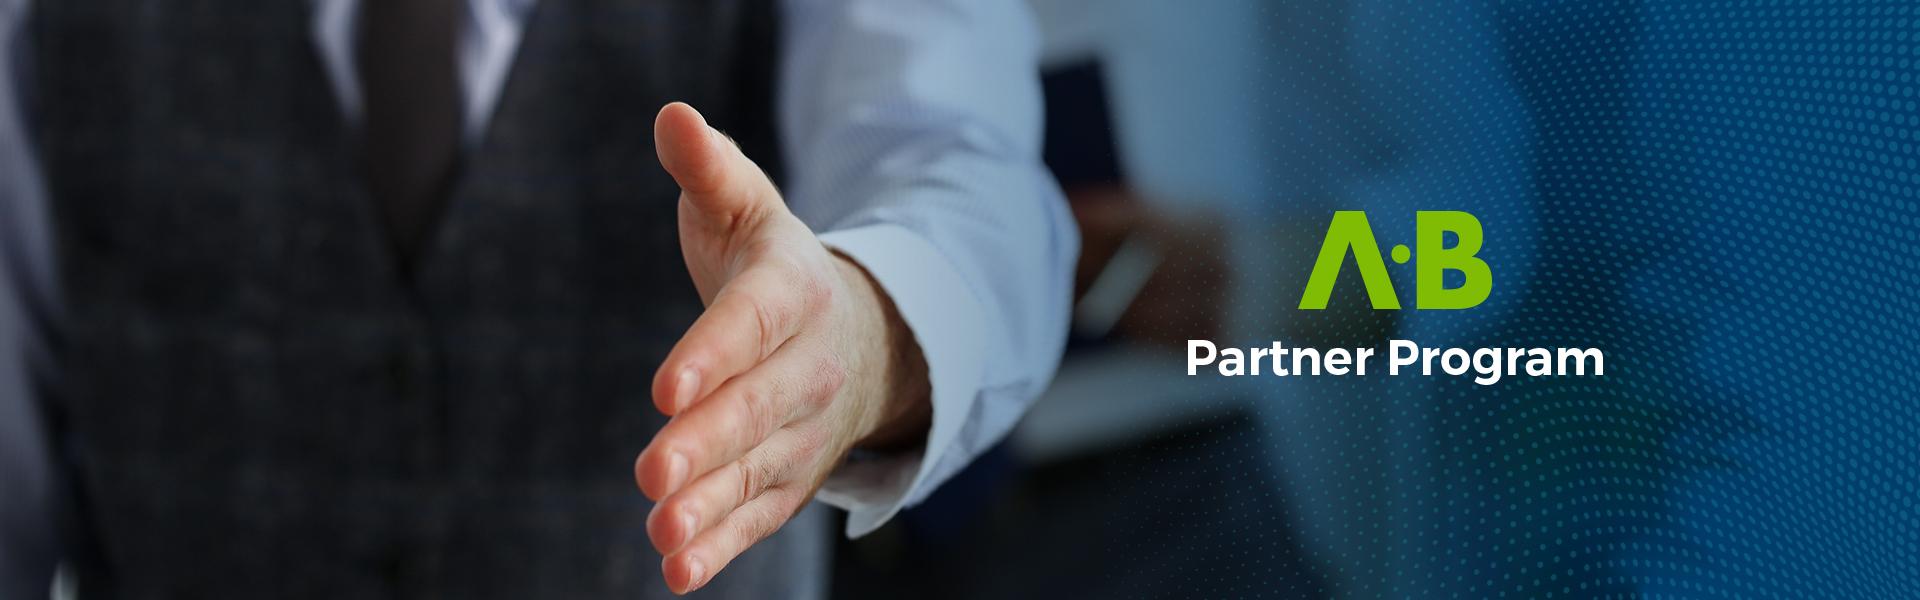 slide-ab-partner-program